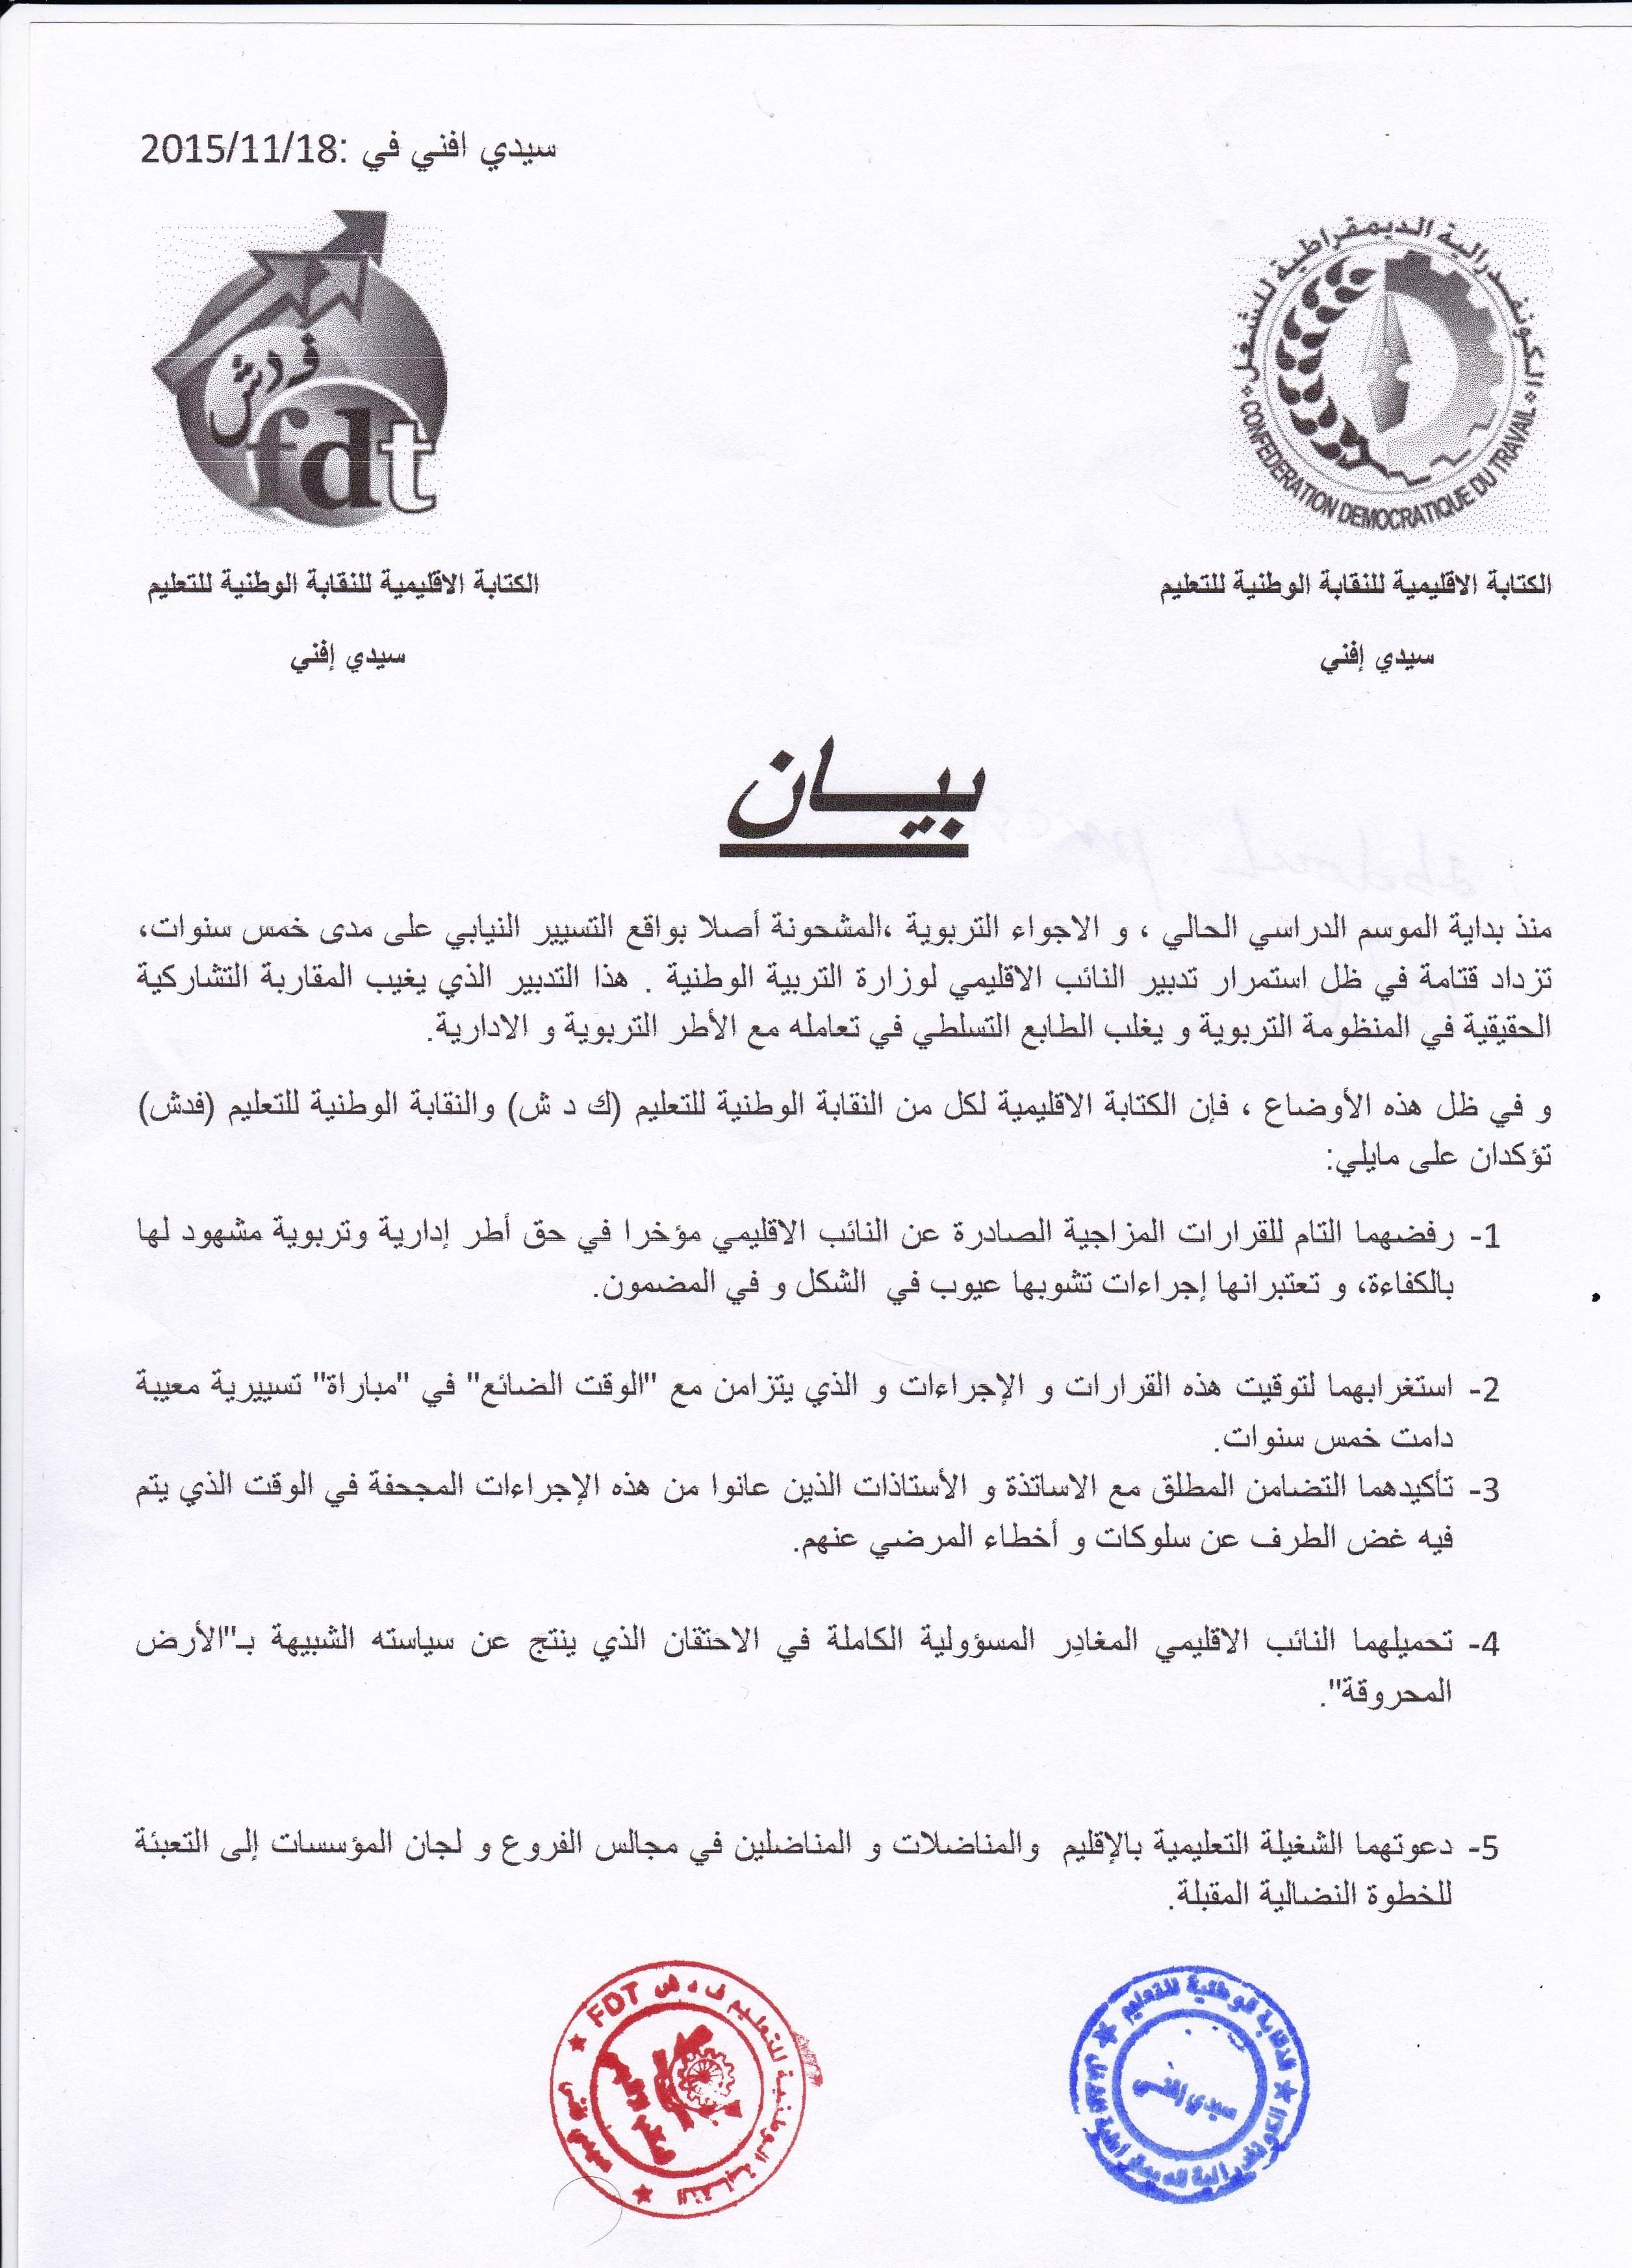 """سيدي إفني : نقابتان تصفان نائب التعليم بنهج سياسة """" الأرض المحروقة """""""